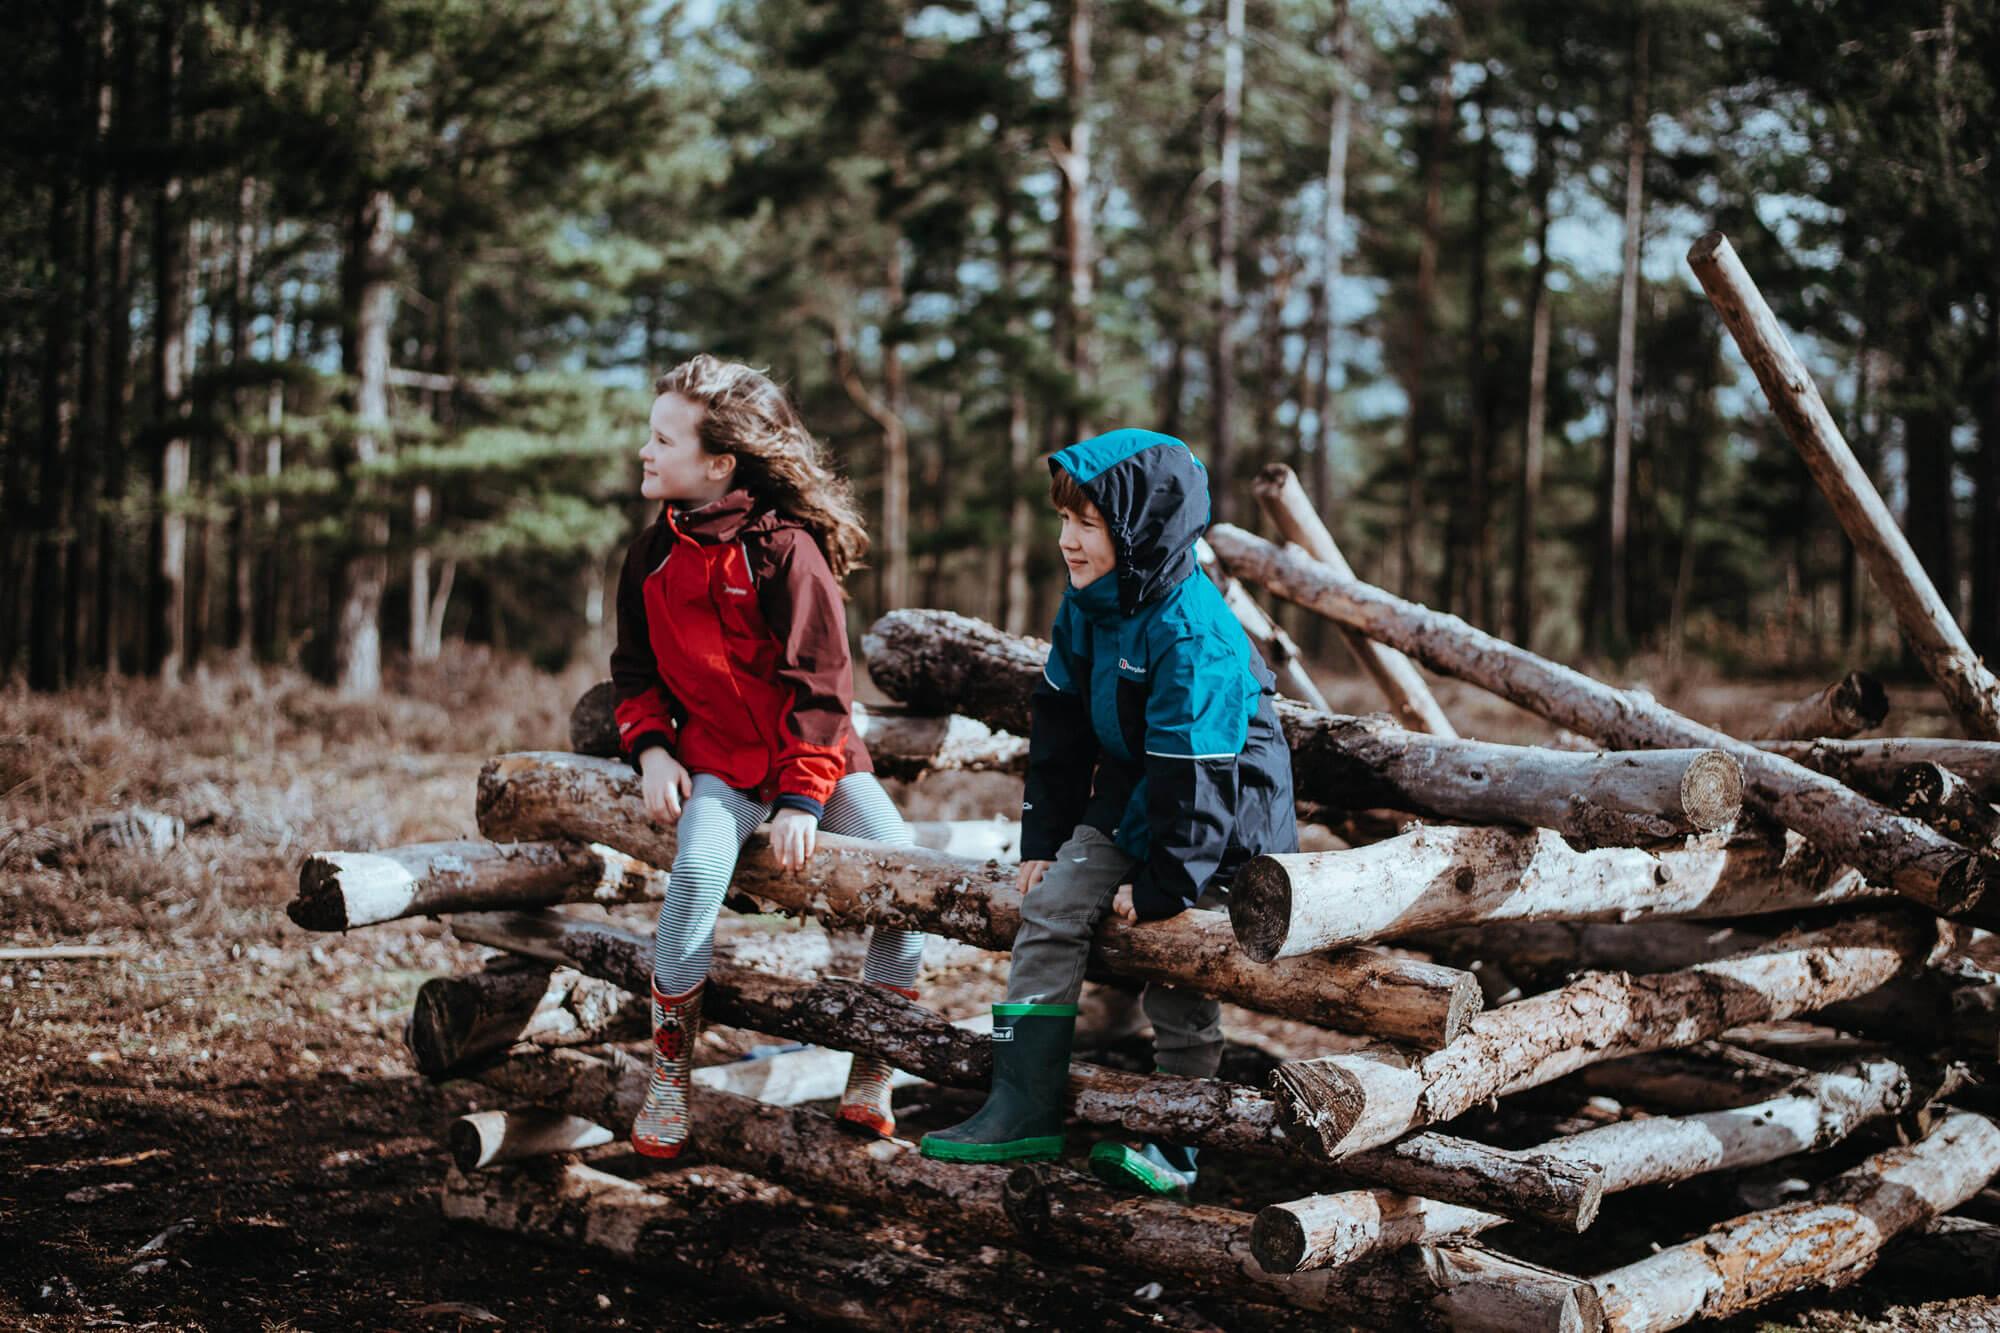 Kinder bei kaltem Wetter im Wald